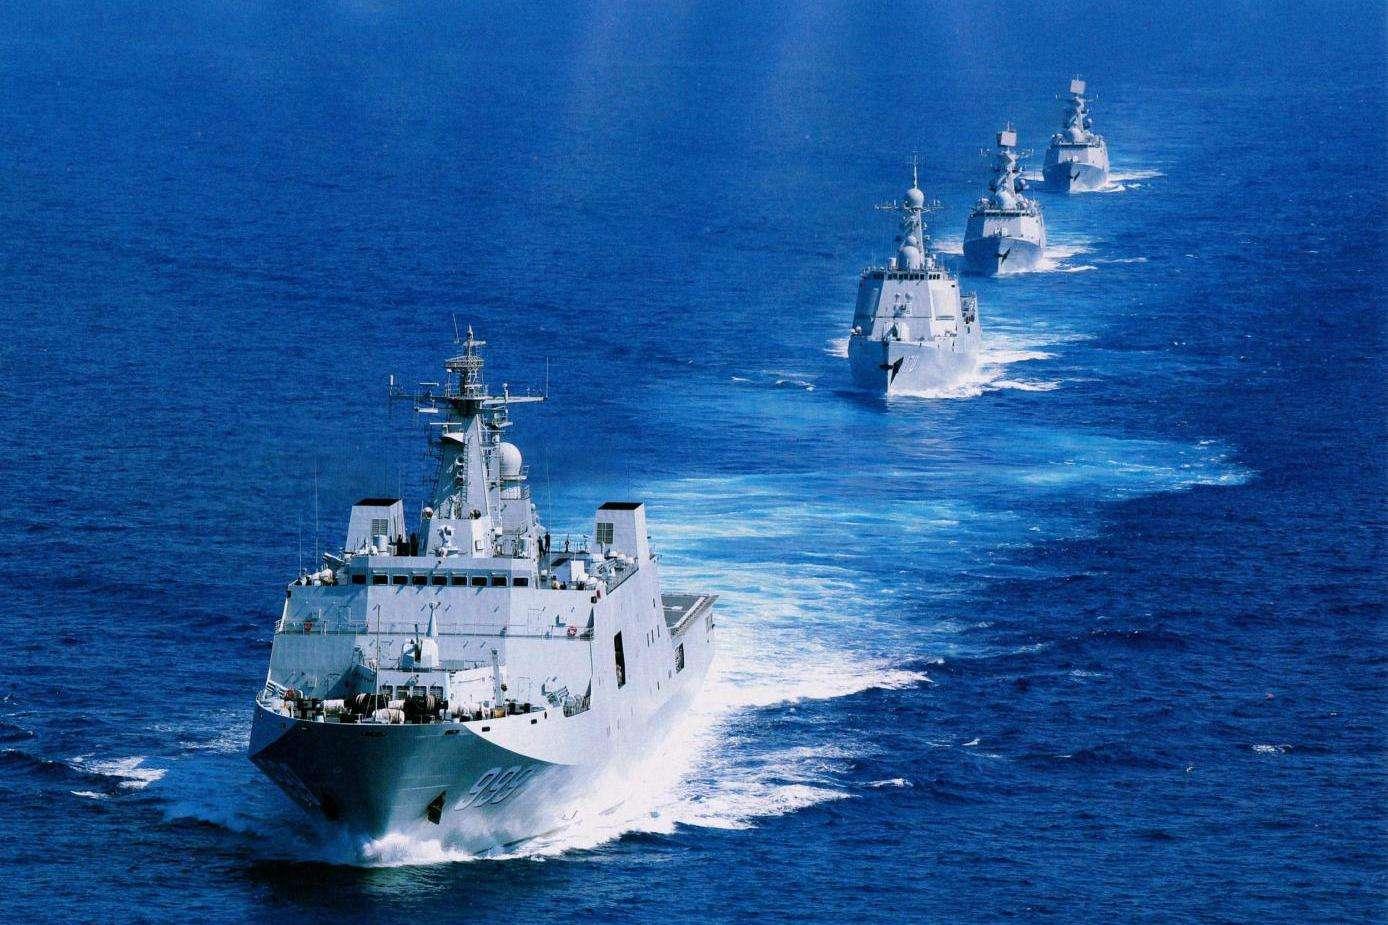 我国神秘的一支海上力量,平时毫不起眼,却让外国*军舰难以招架_中国 军事在线 第1张